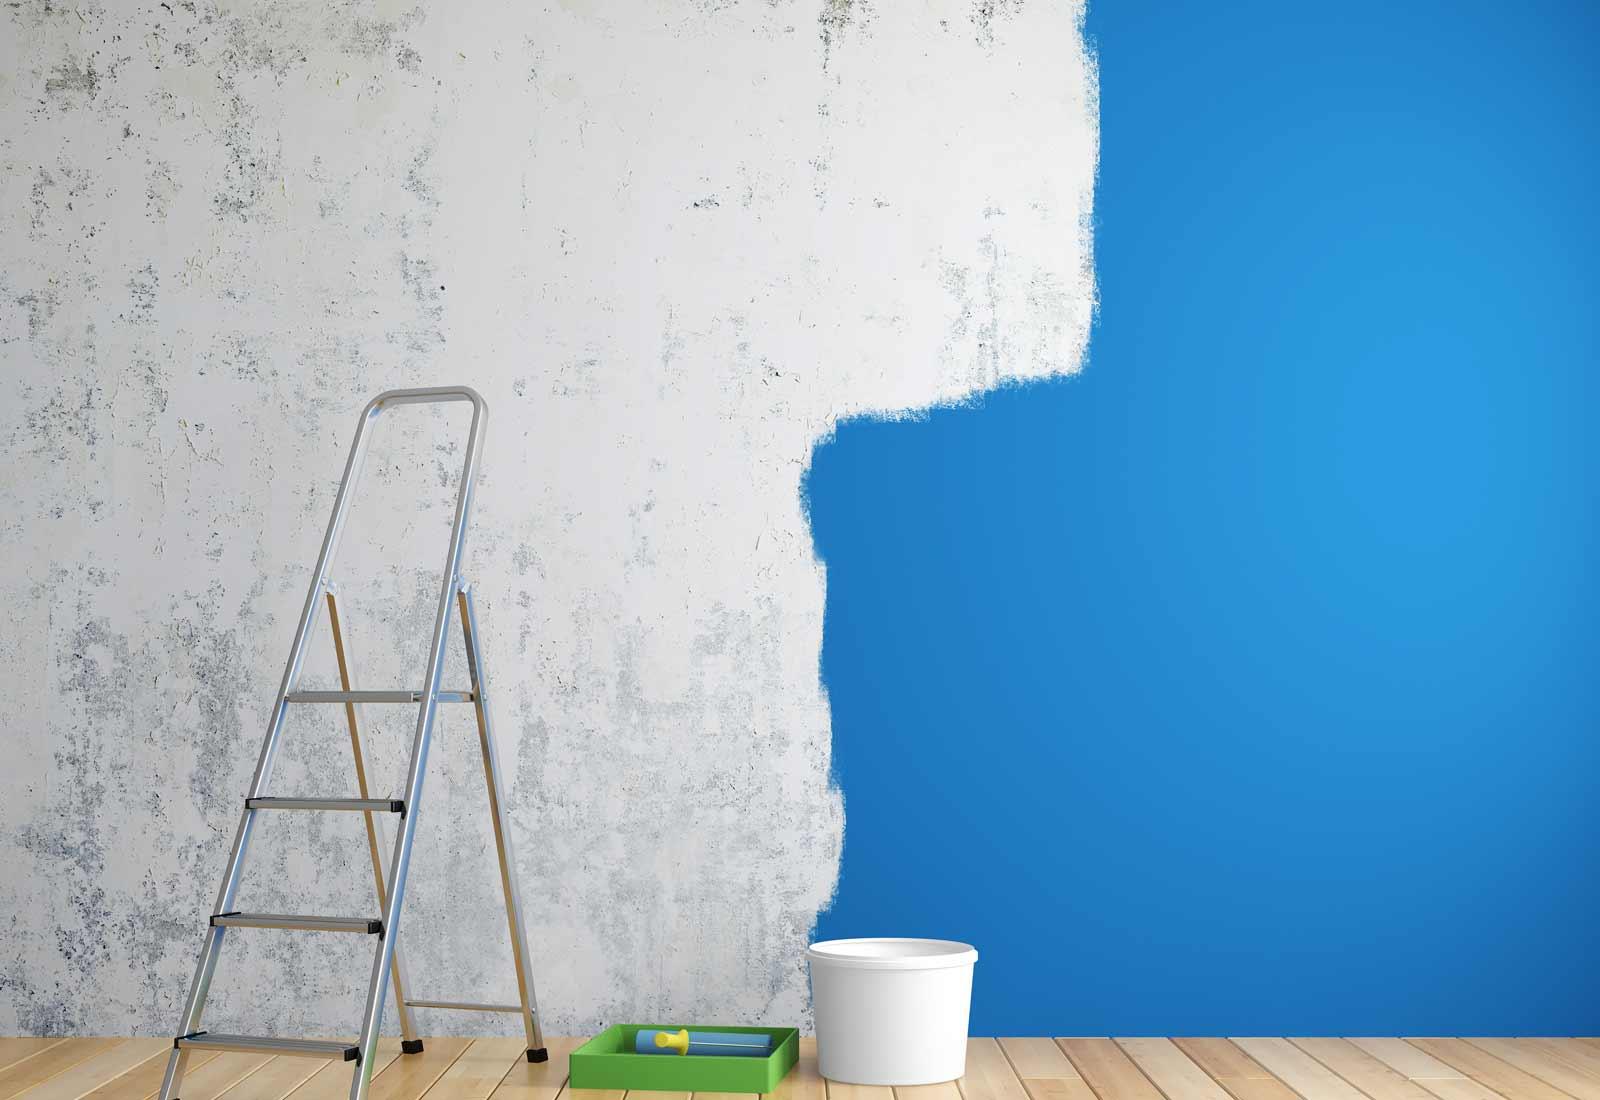 Quotatis peintures sp cifiques pour toutes les for Peinture anti bruit efficacite